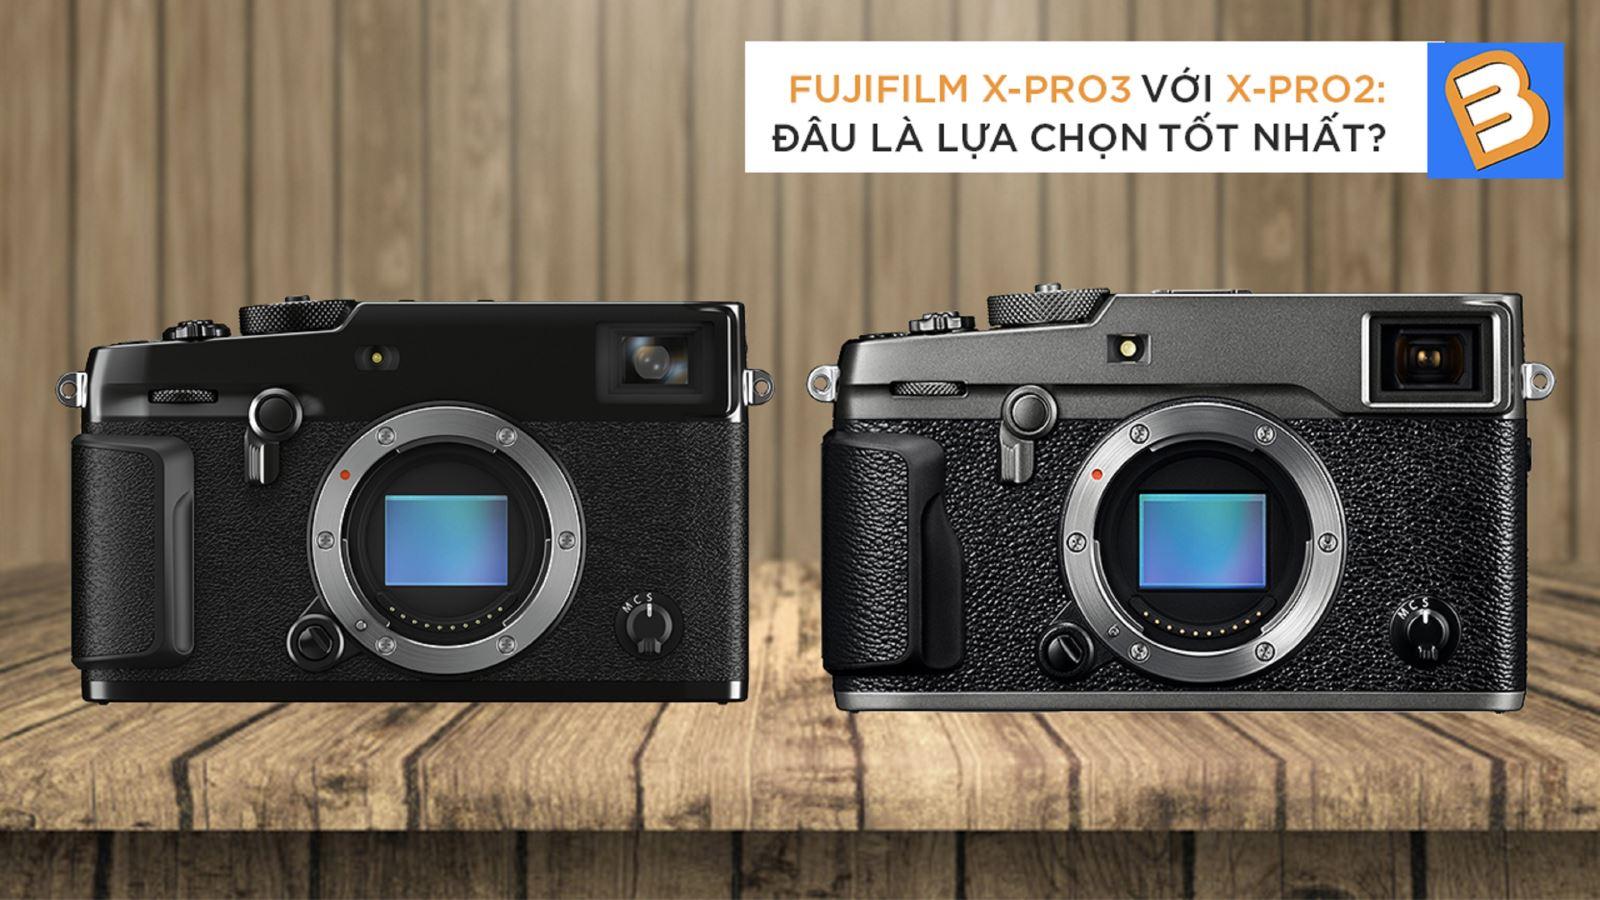 Fujifilm X-Pro3 với X-Pro2: Đâu là lựa chọn tốt nhất?